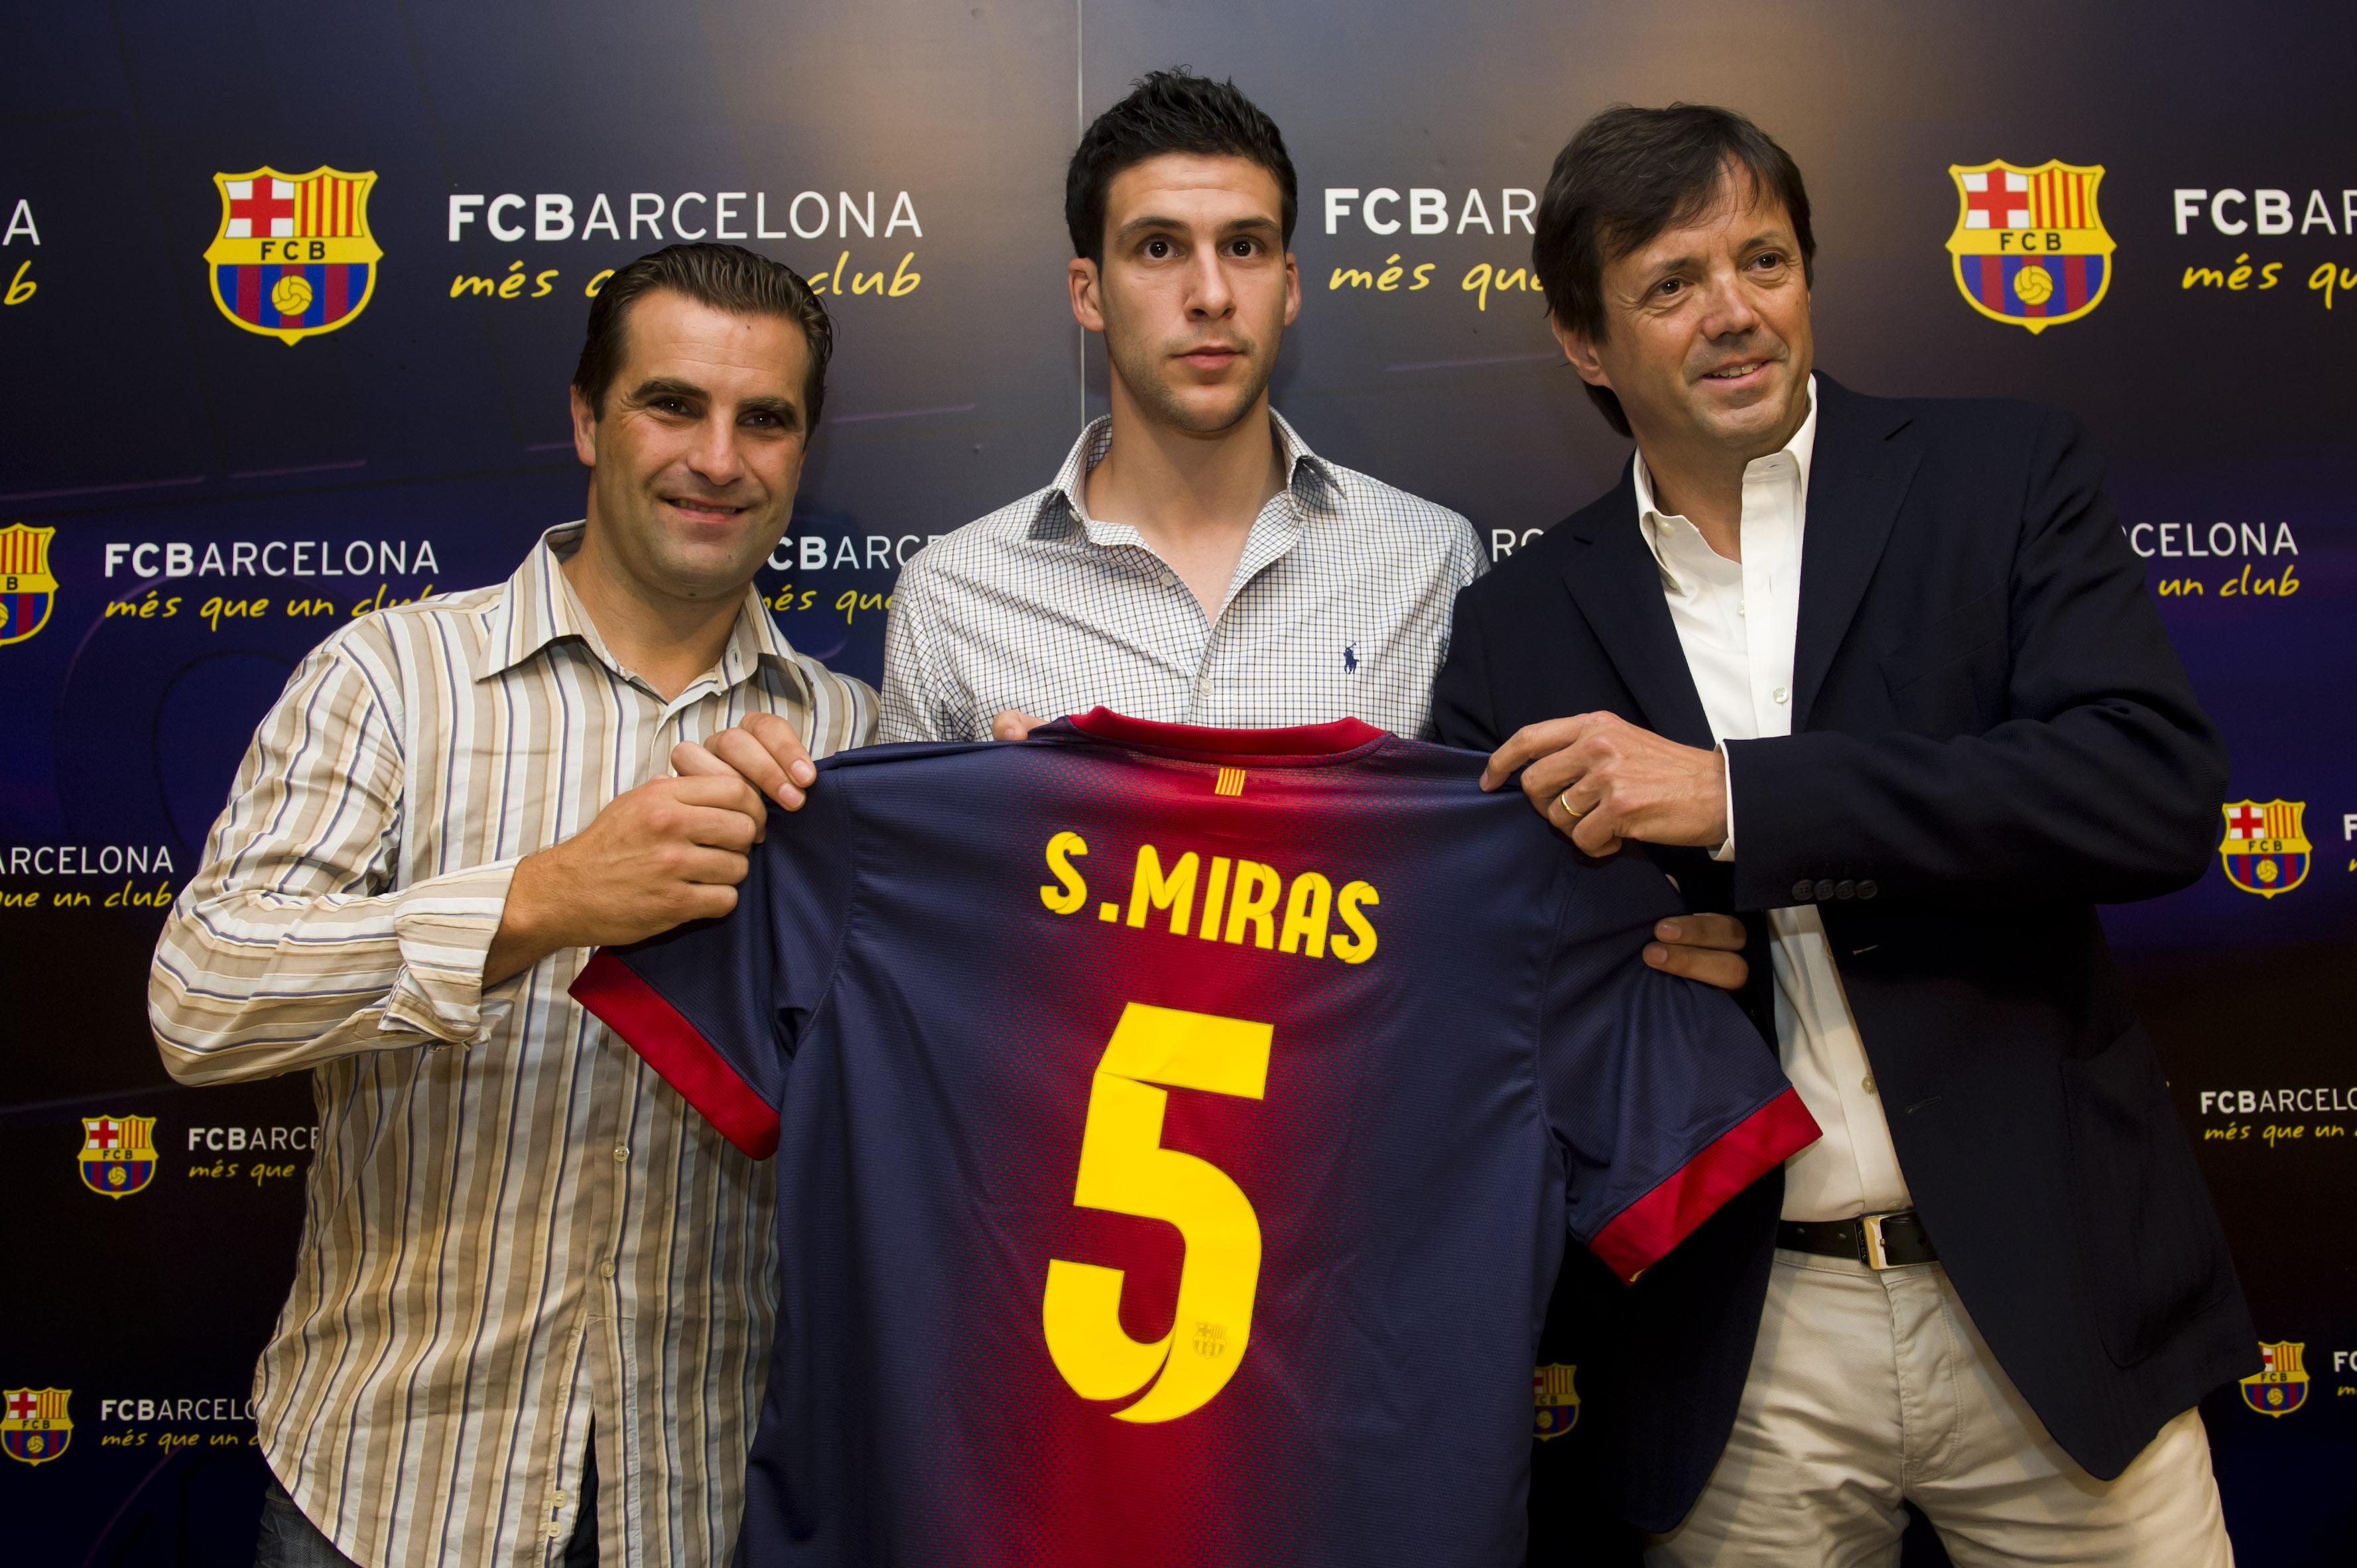 Sergio Miras és presentat com a nou jugador del FC Barcelona